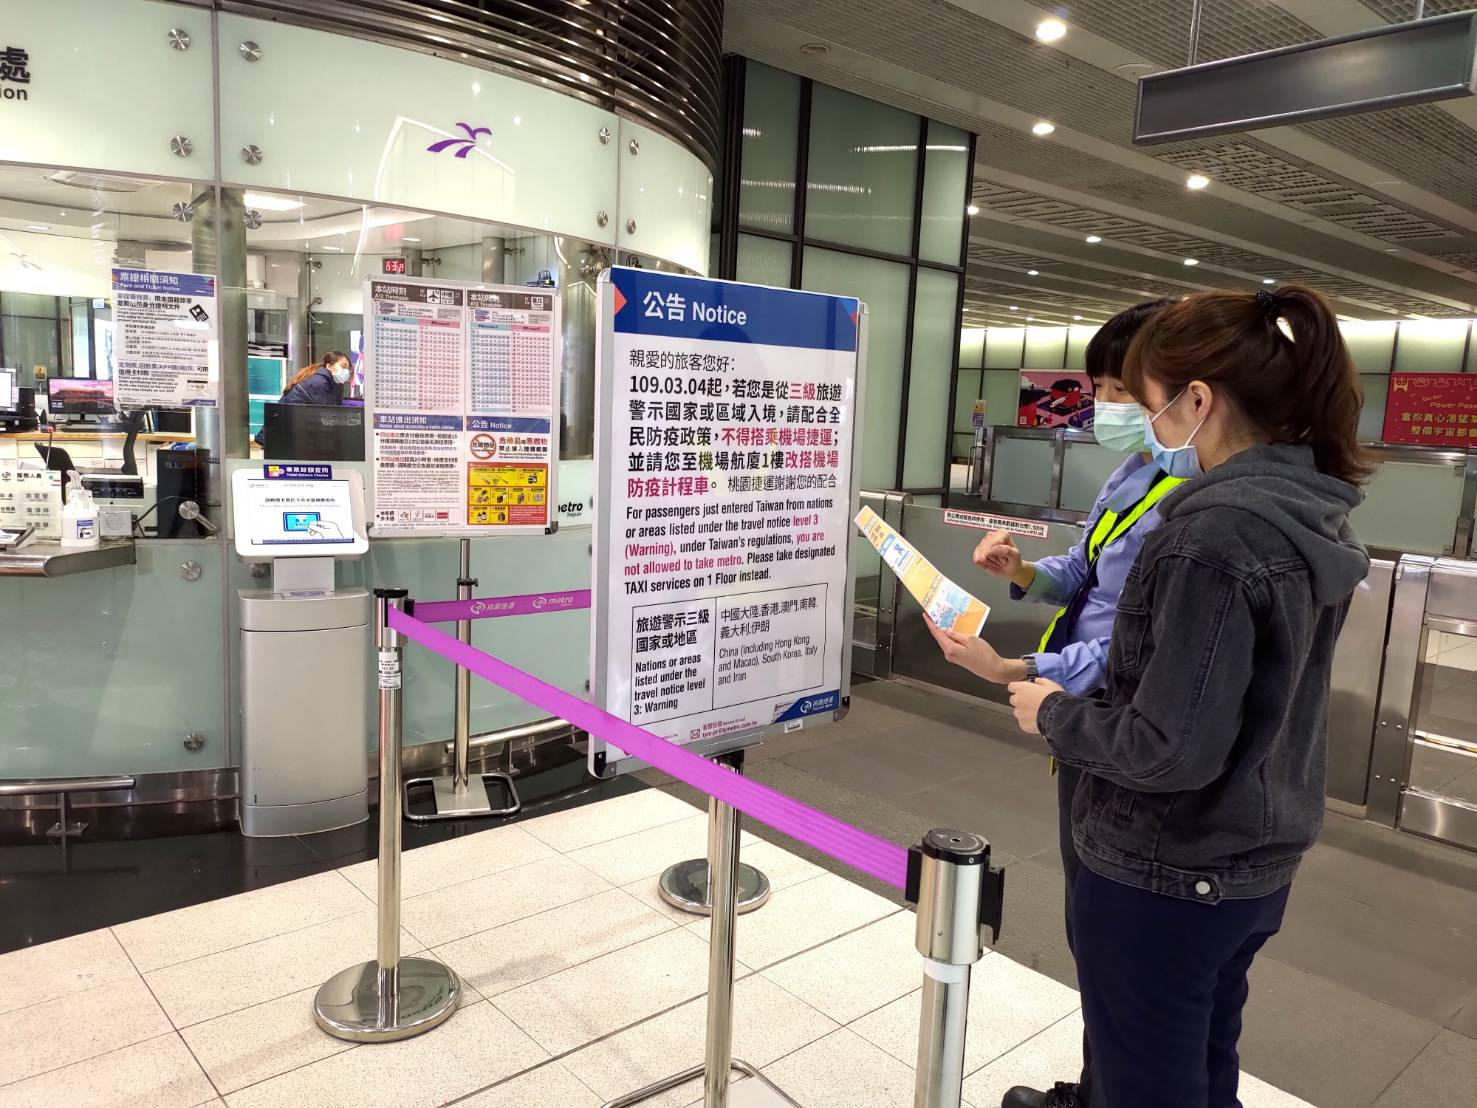 站務人員向旅客解說法令規定